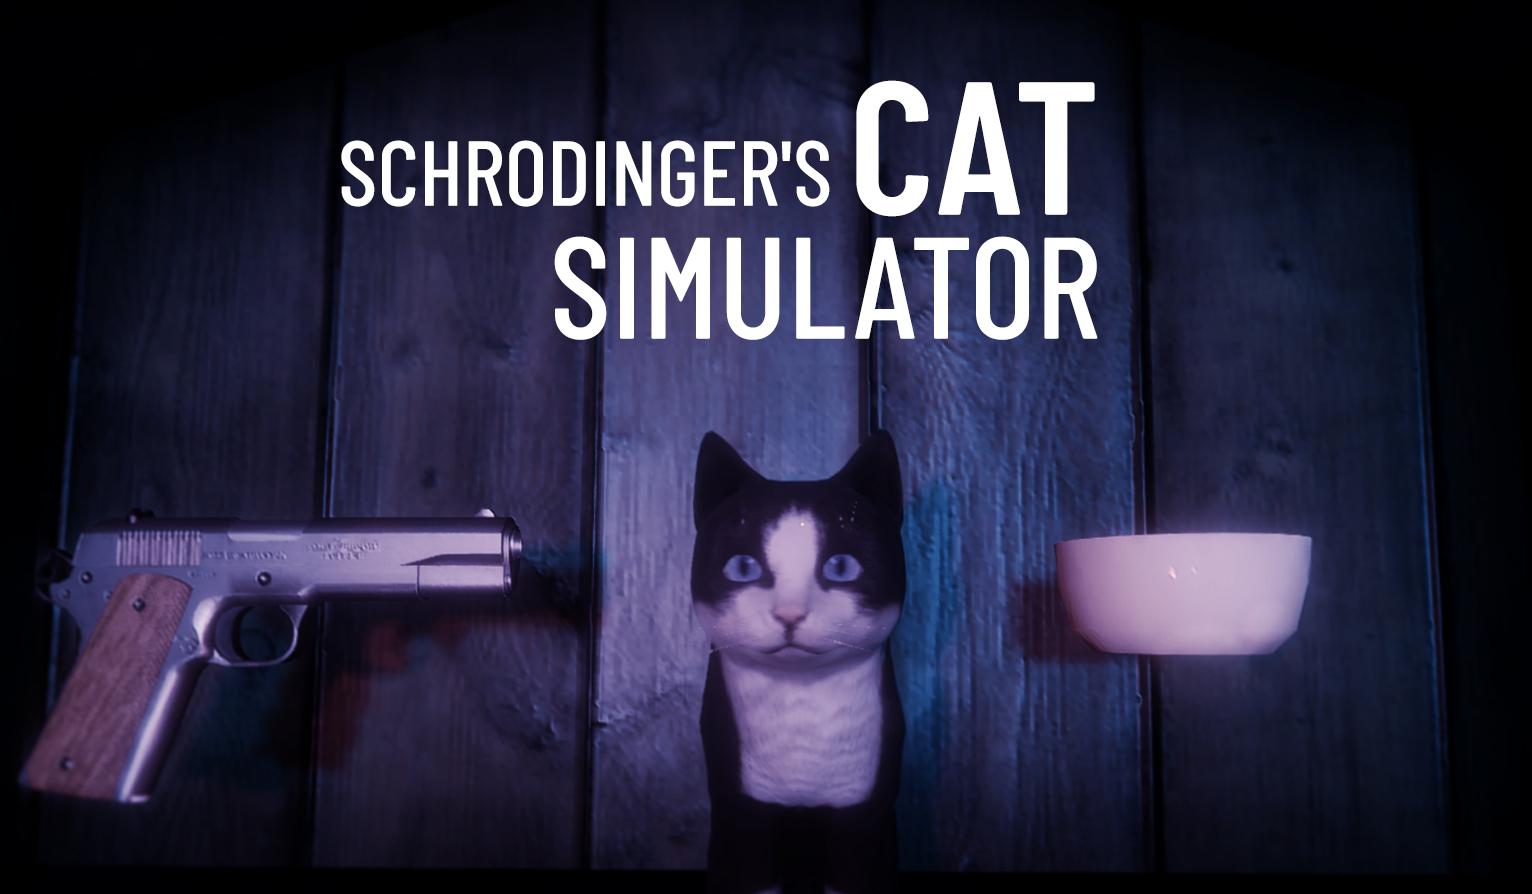 Schrodinger's cat simulator